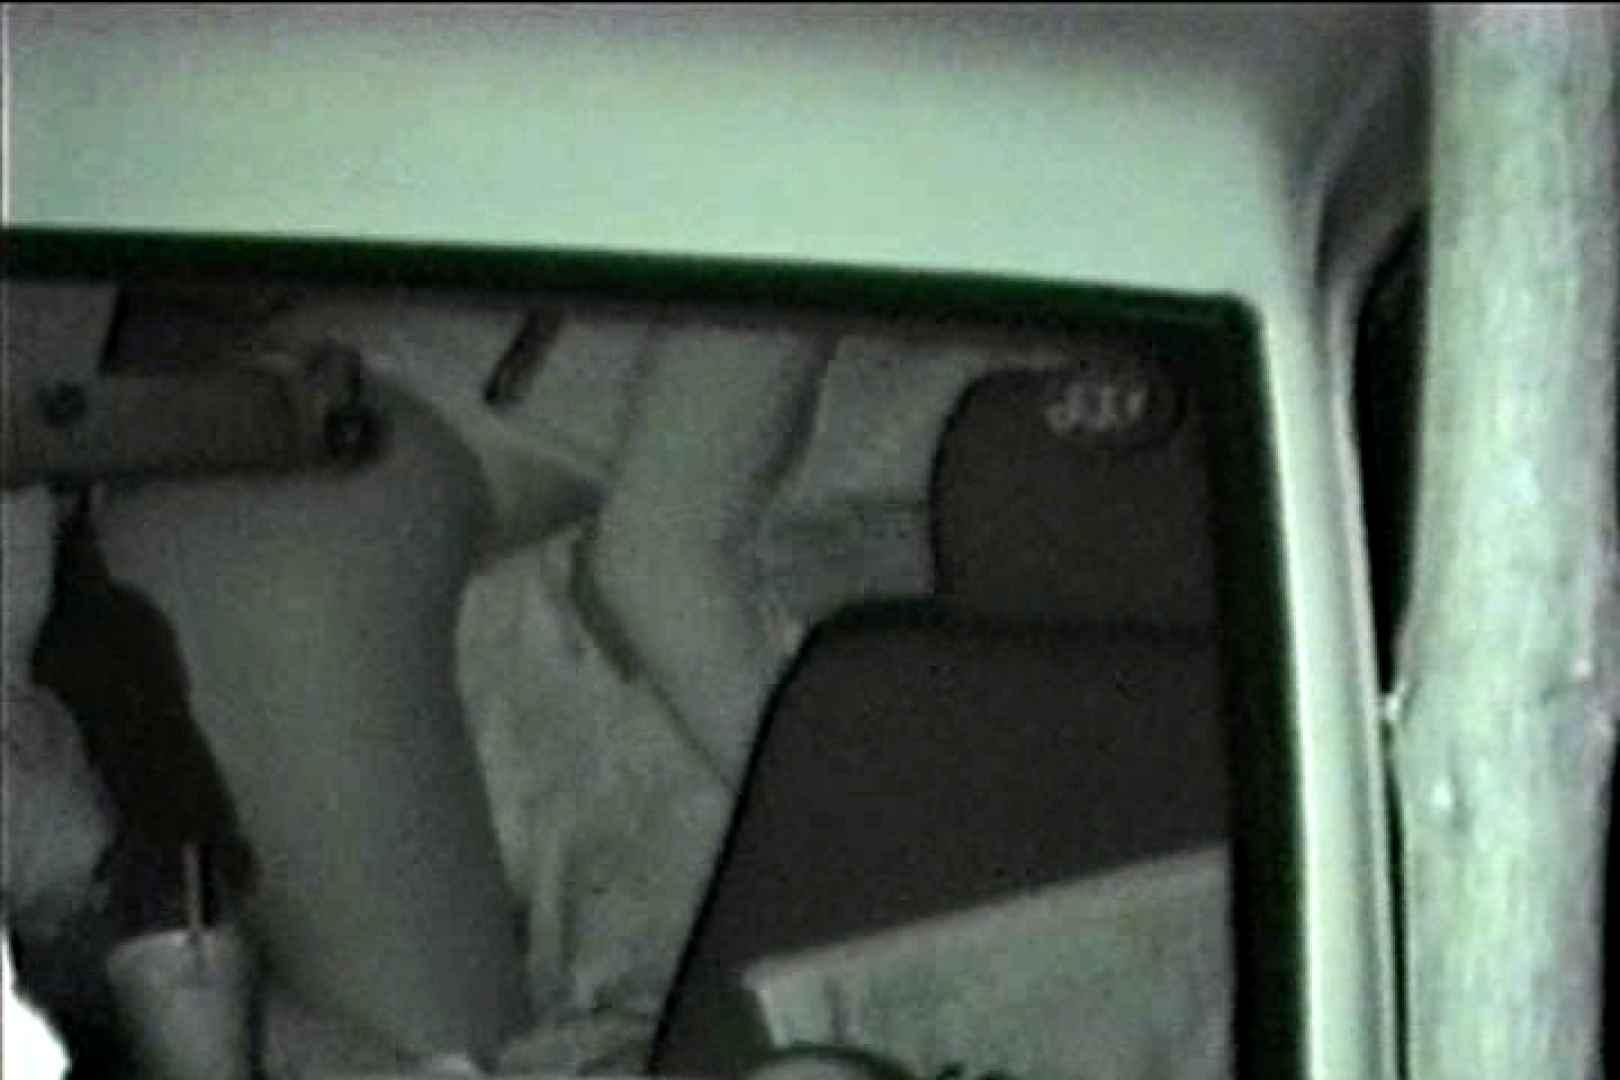 車の中はラブホテル 無修正版  Vol.7 エロティックなOL えろ無修正画像 59画像 10